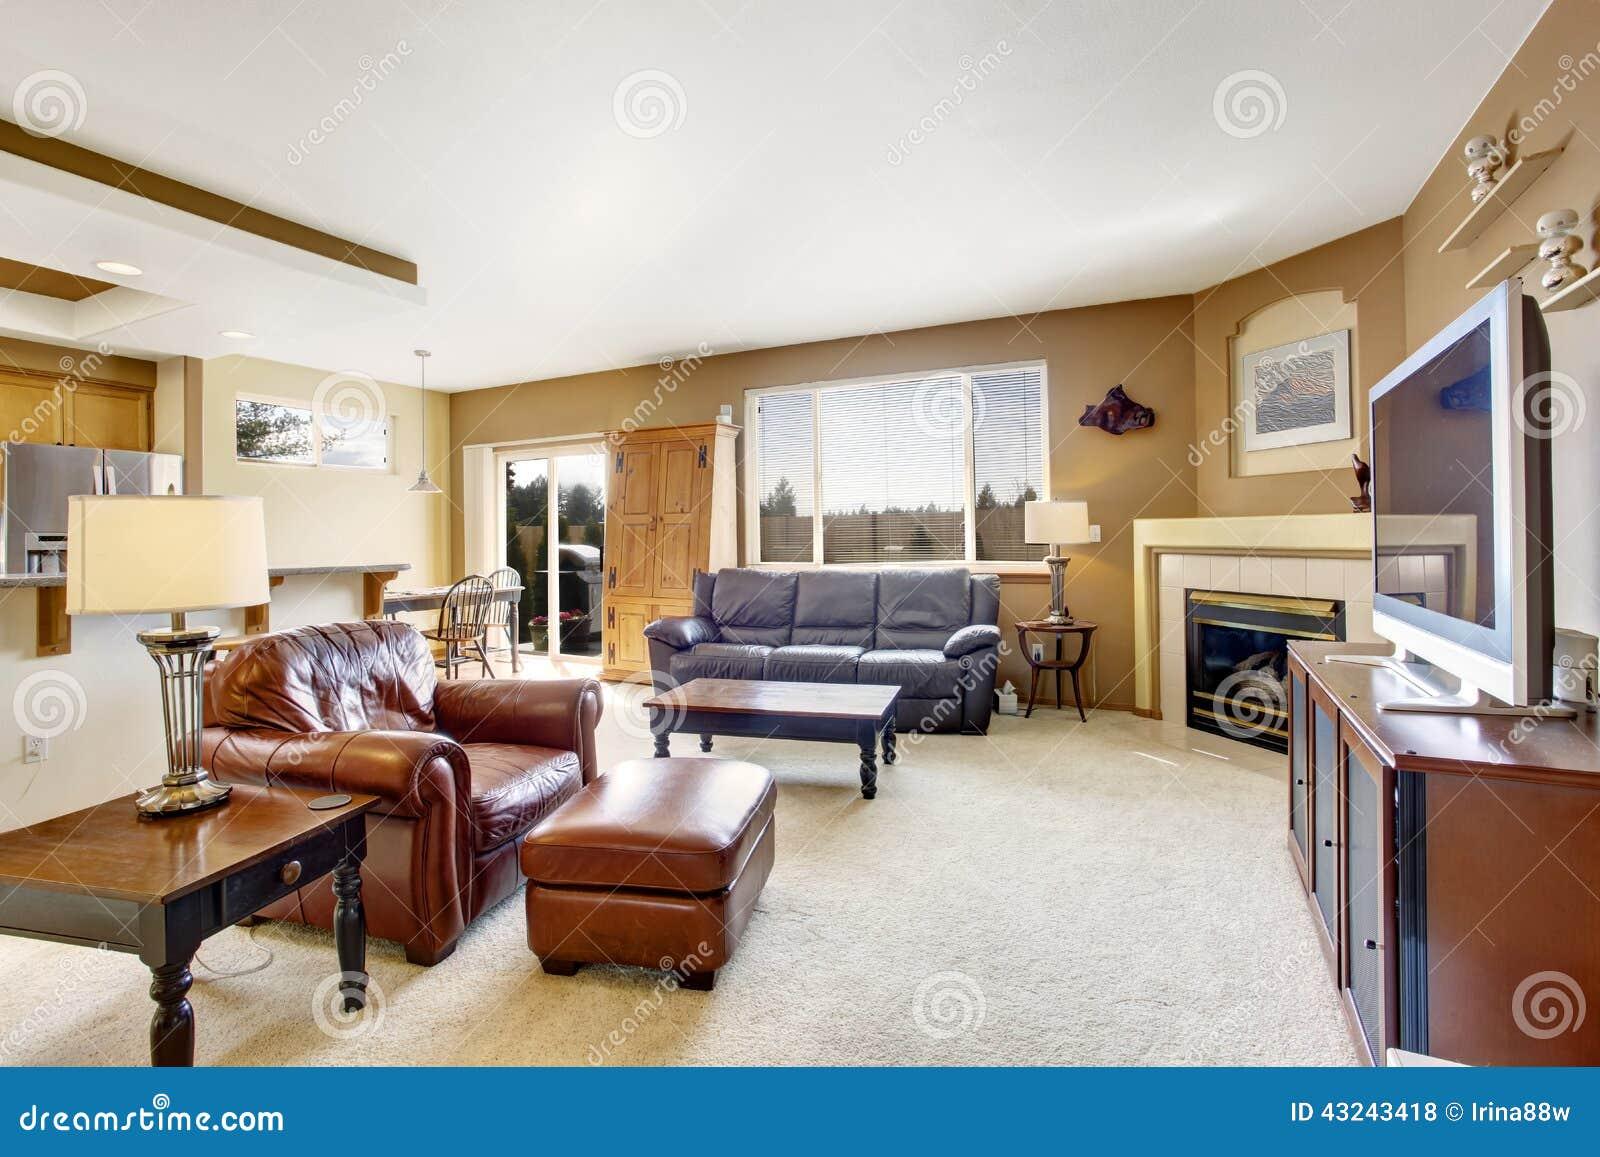 Wohnzimmer gemütlich kamin modern  Gemütliches Wohnzimmer Mit Kamin Und Ledercouch Stockfoto - Bild von ...